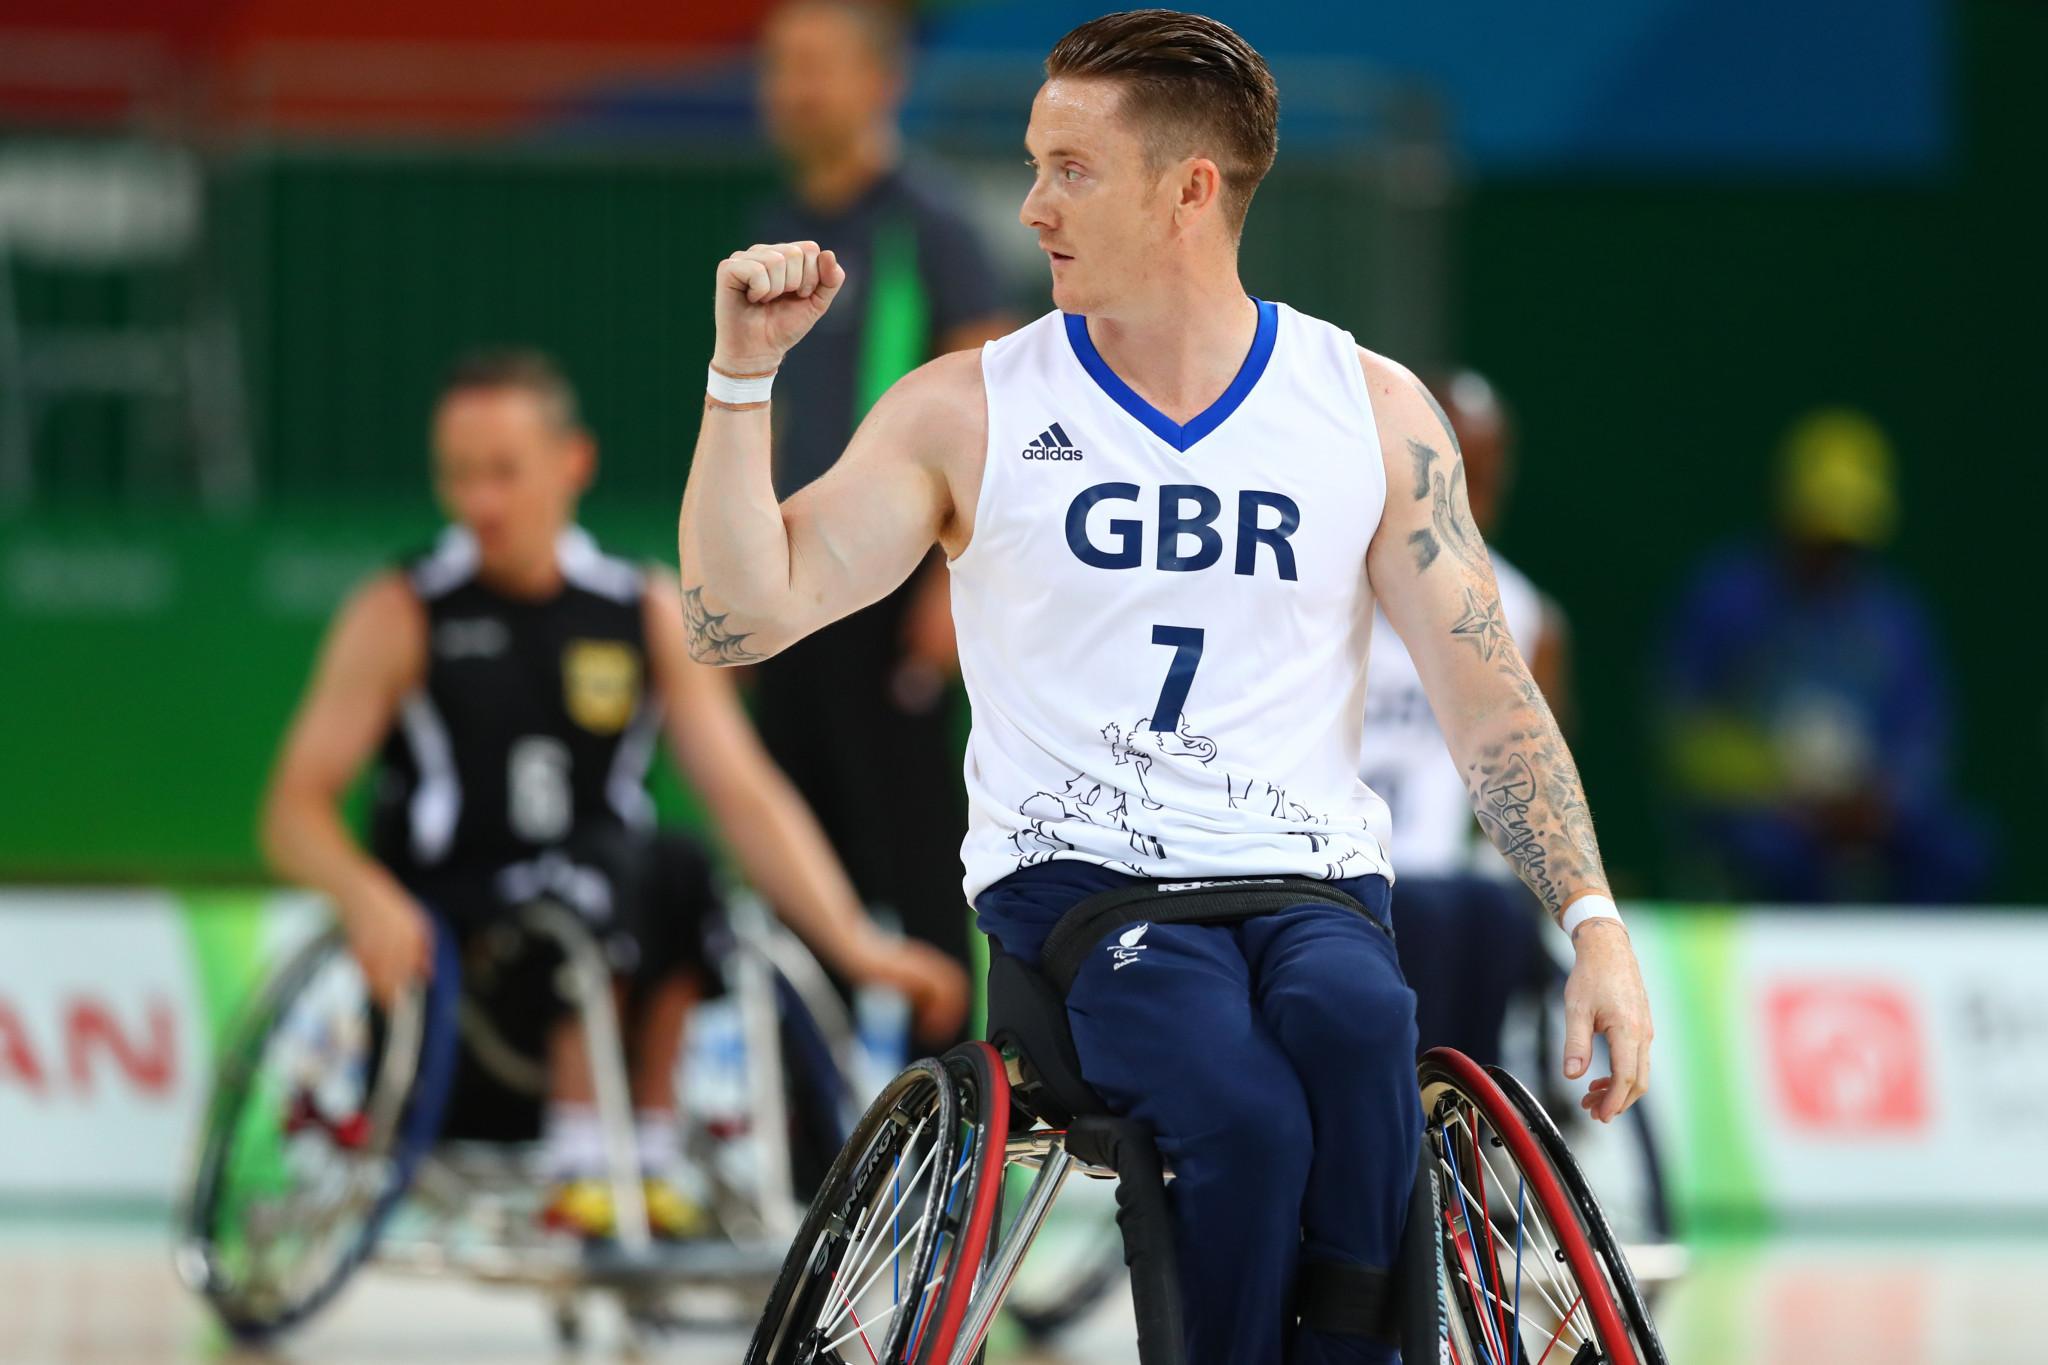 Gran Bretaña es campeona de Europa masculina © Getty Images